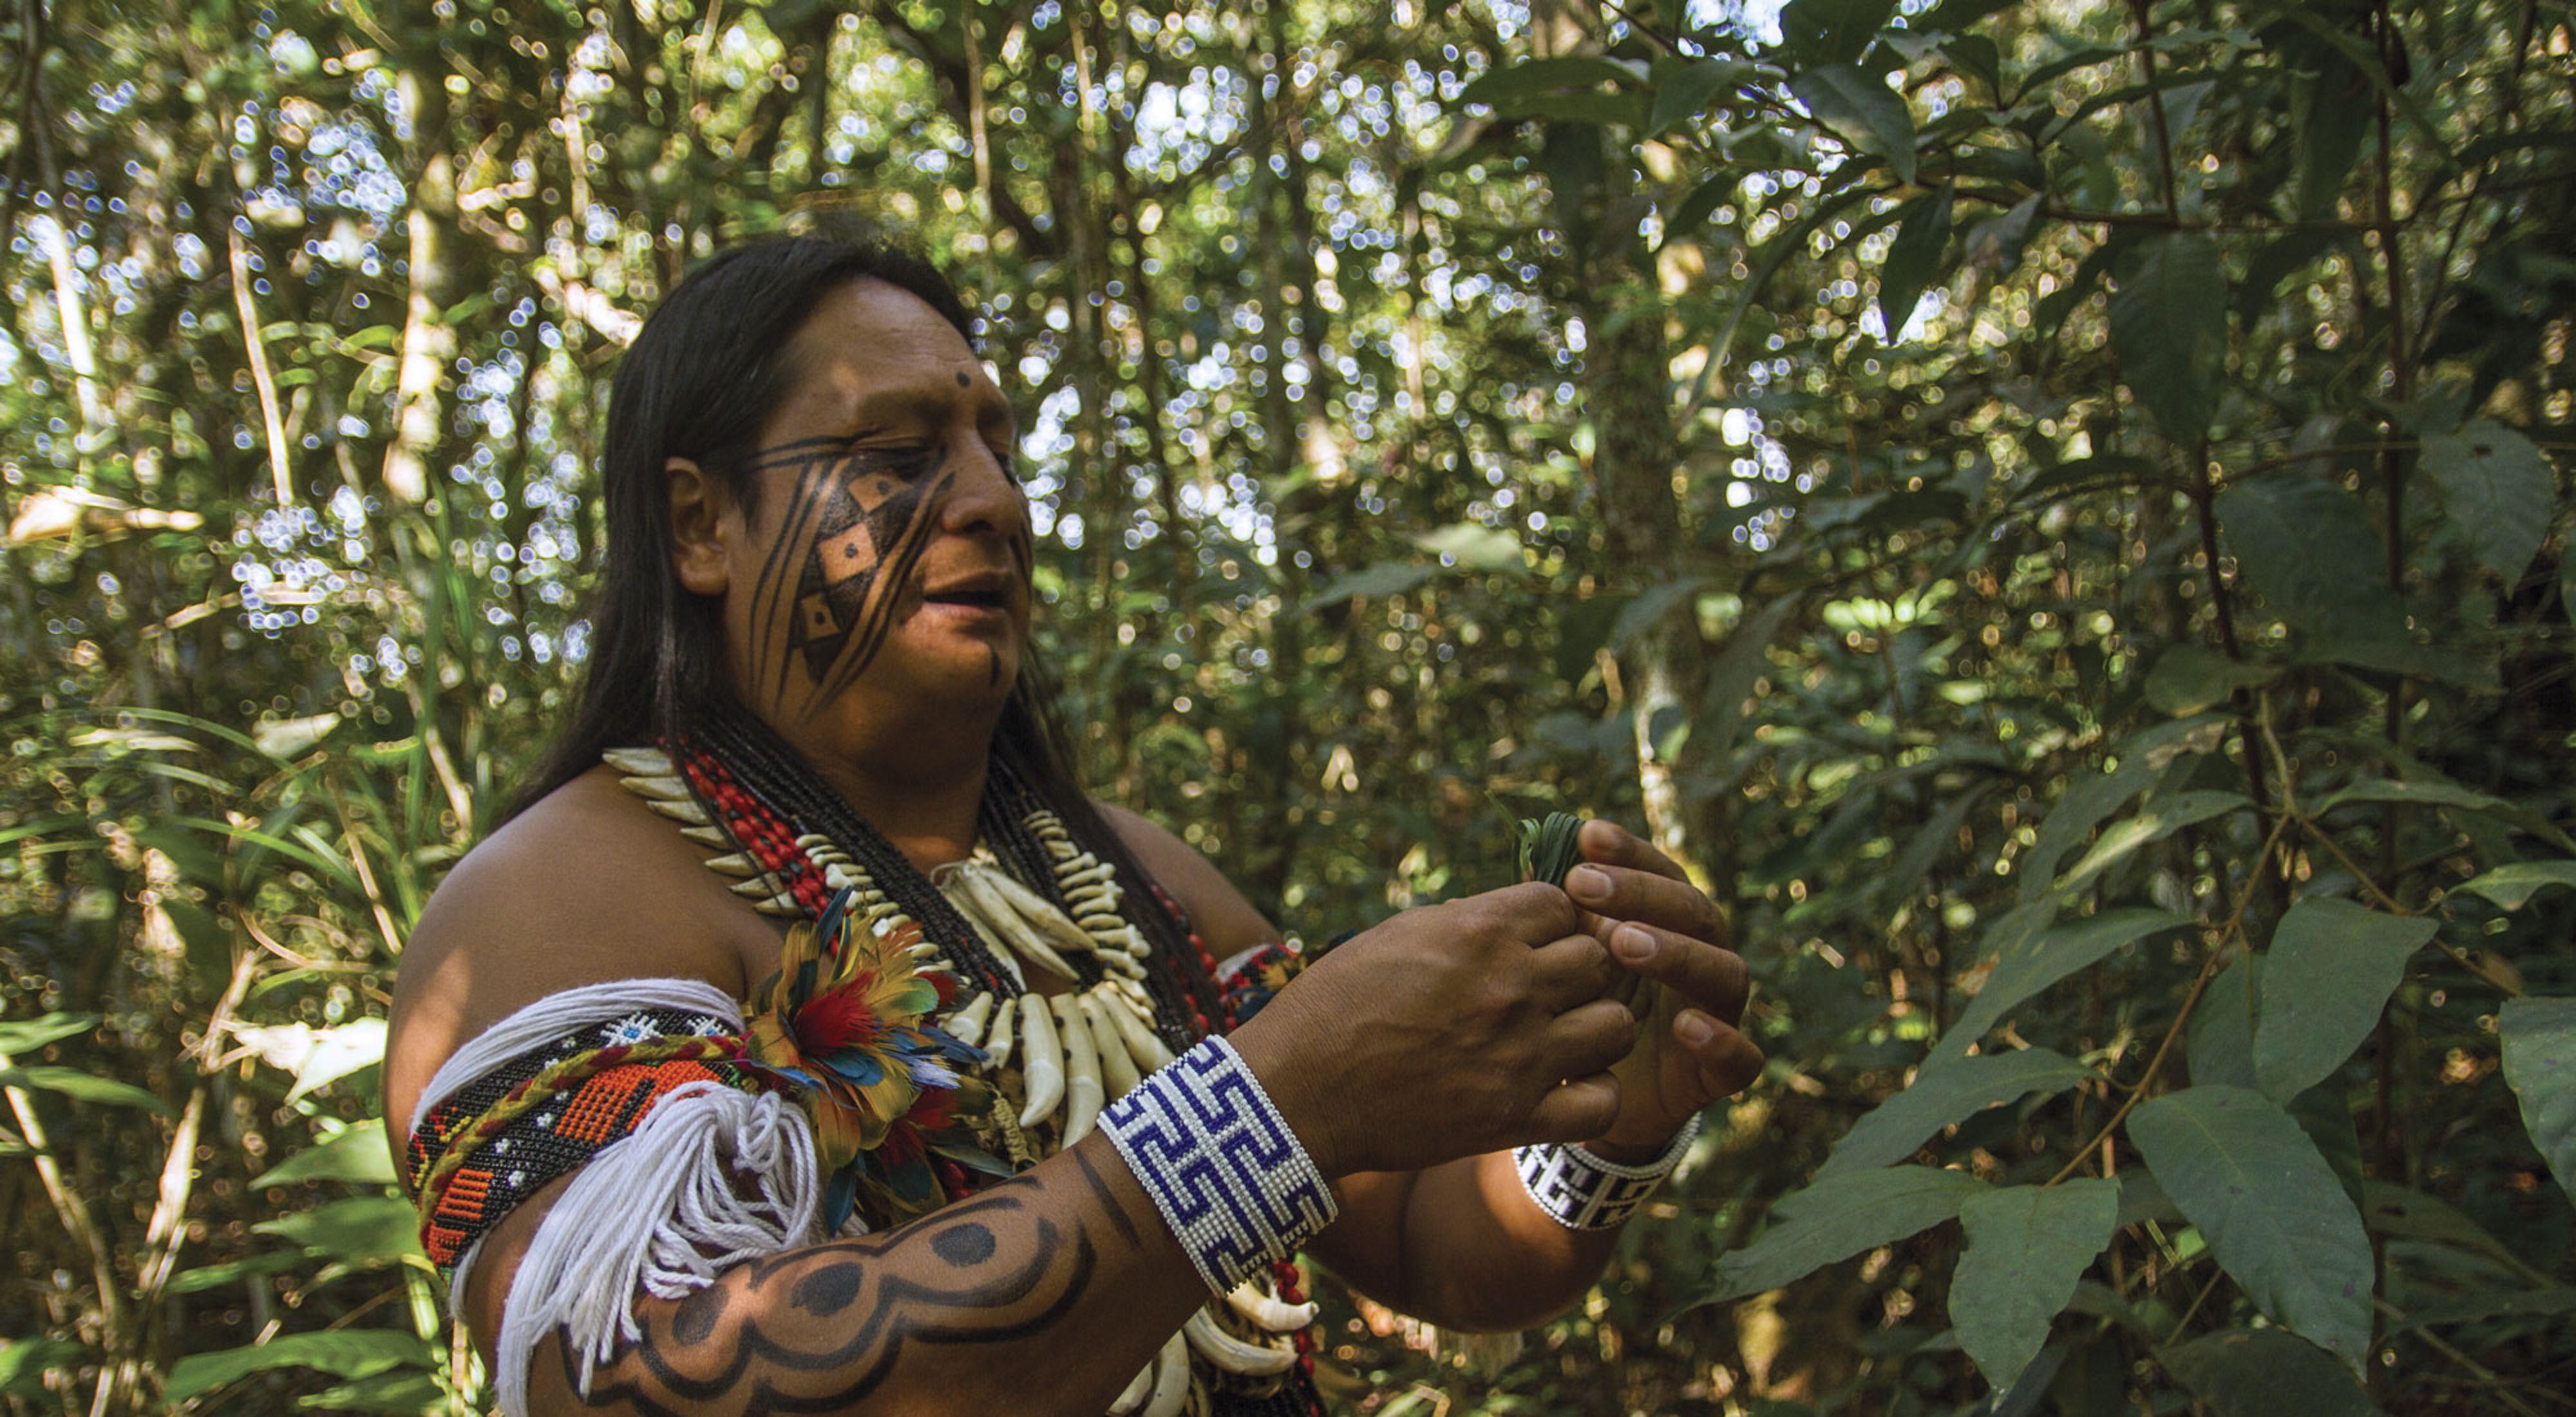 El Jefe de la aldea Wazare, Rony Paresi, es parte del grupo indígena paresi en el Mato Grosso do Sul, Brasil. TNC apoya al grupo paresi en el desarrollo de proyectos turístico